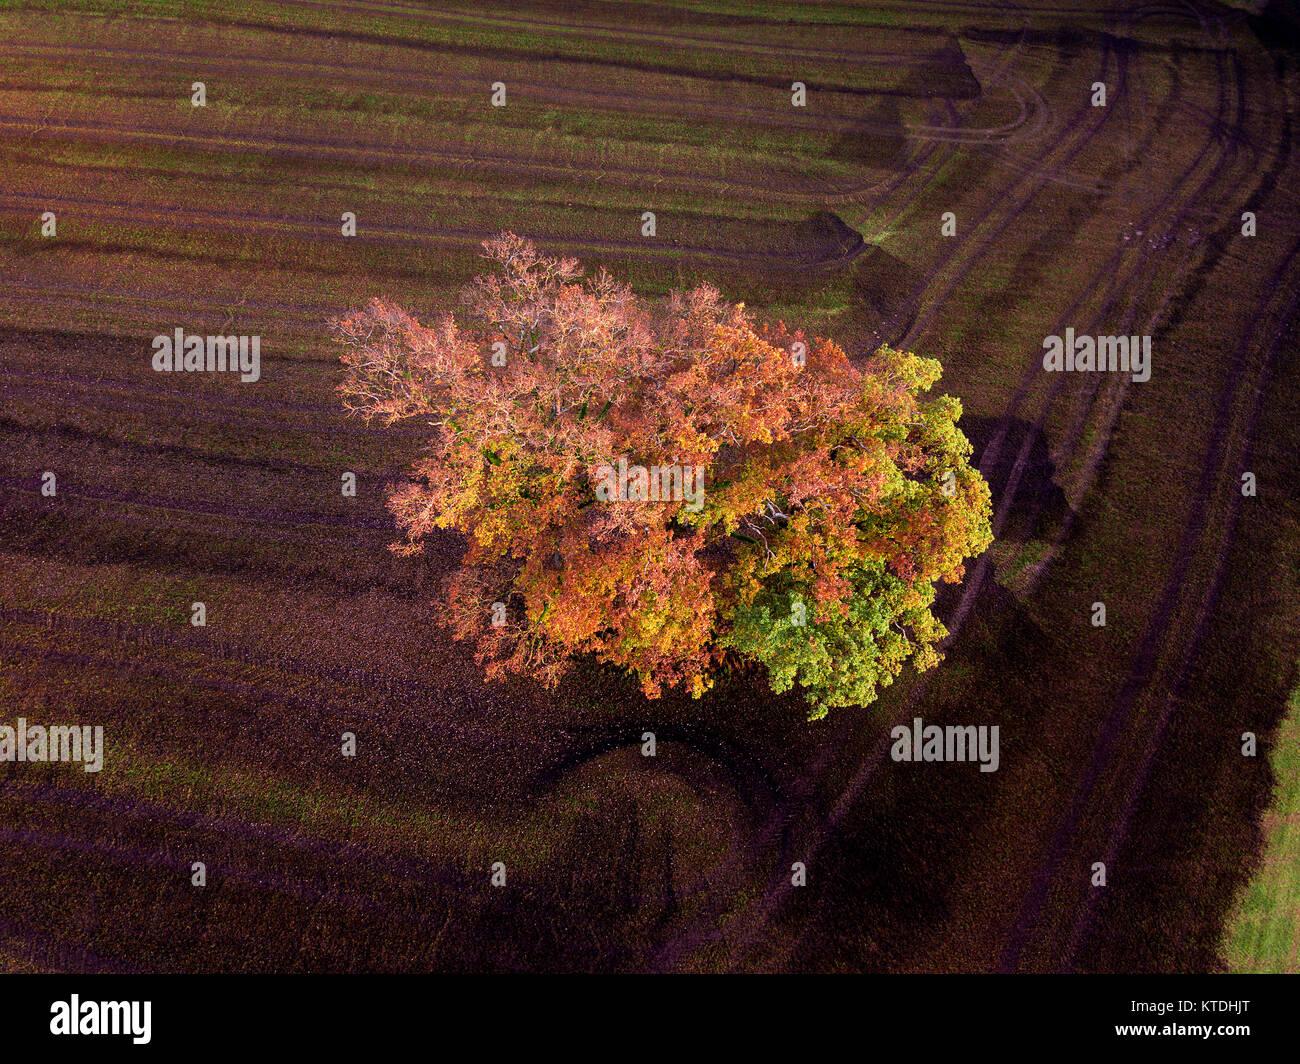 Bunte Felder im Herbst; Landsberieder, farbenfrohe Buche, einzelner Baum auf dem Feld, gedüngtes Feld, Odel, Immagini Stock